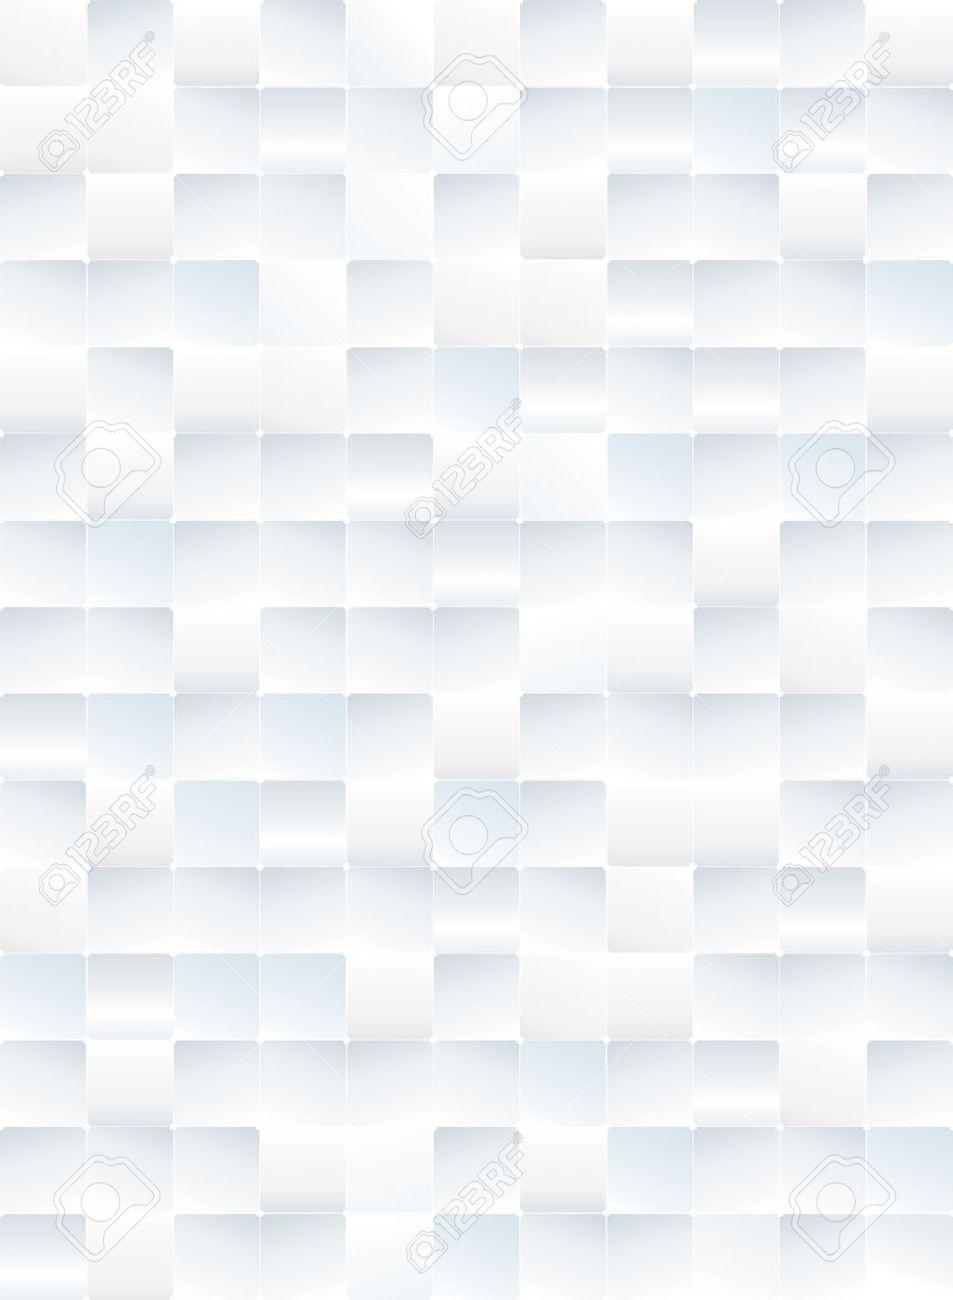 azulejos blancos textura de fondo abstracto foto de archivo